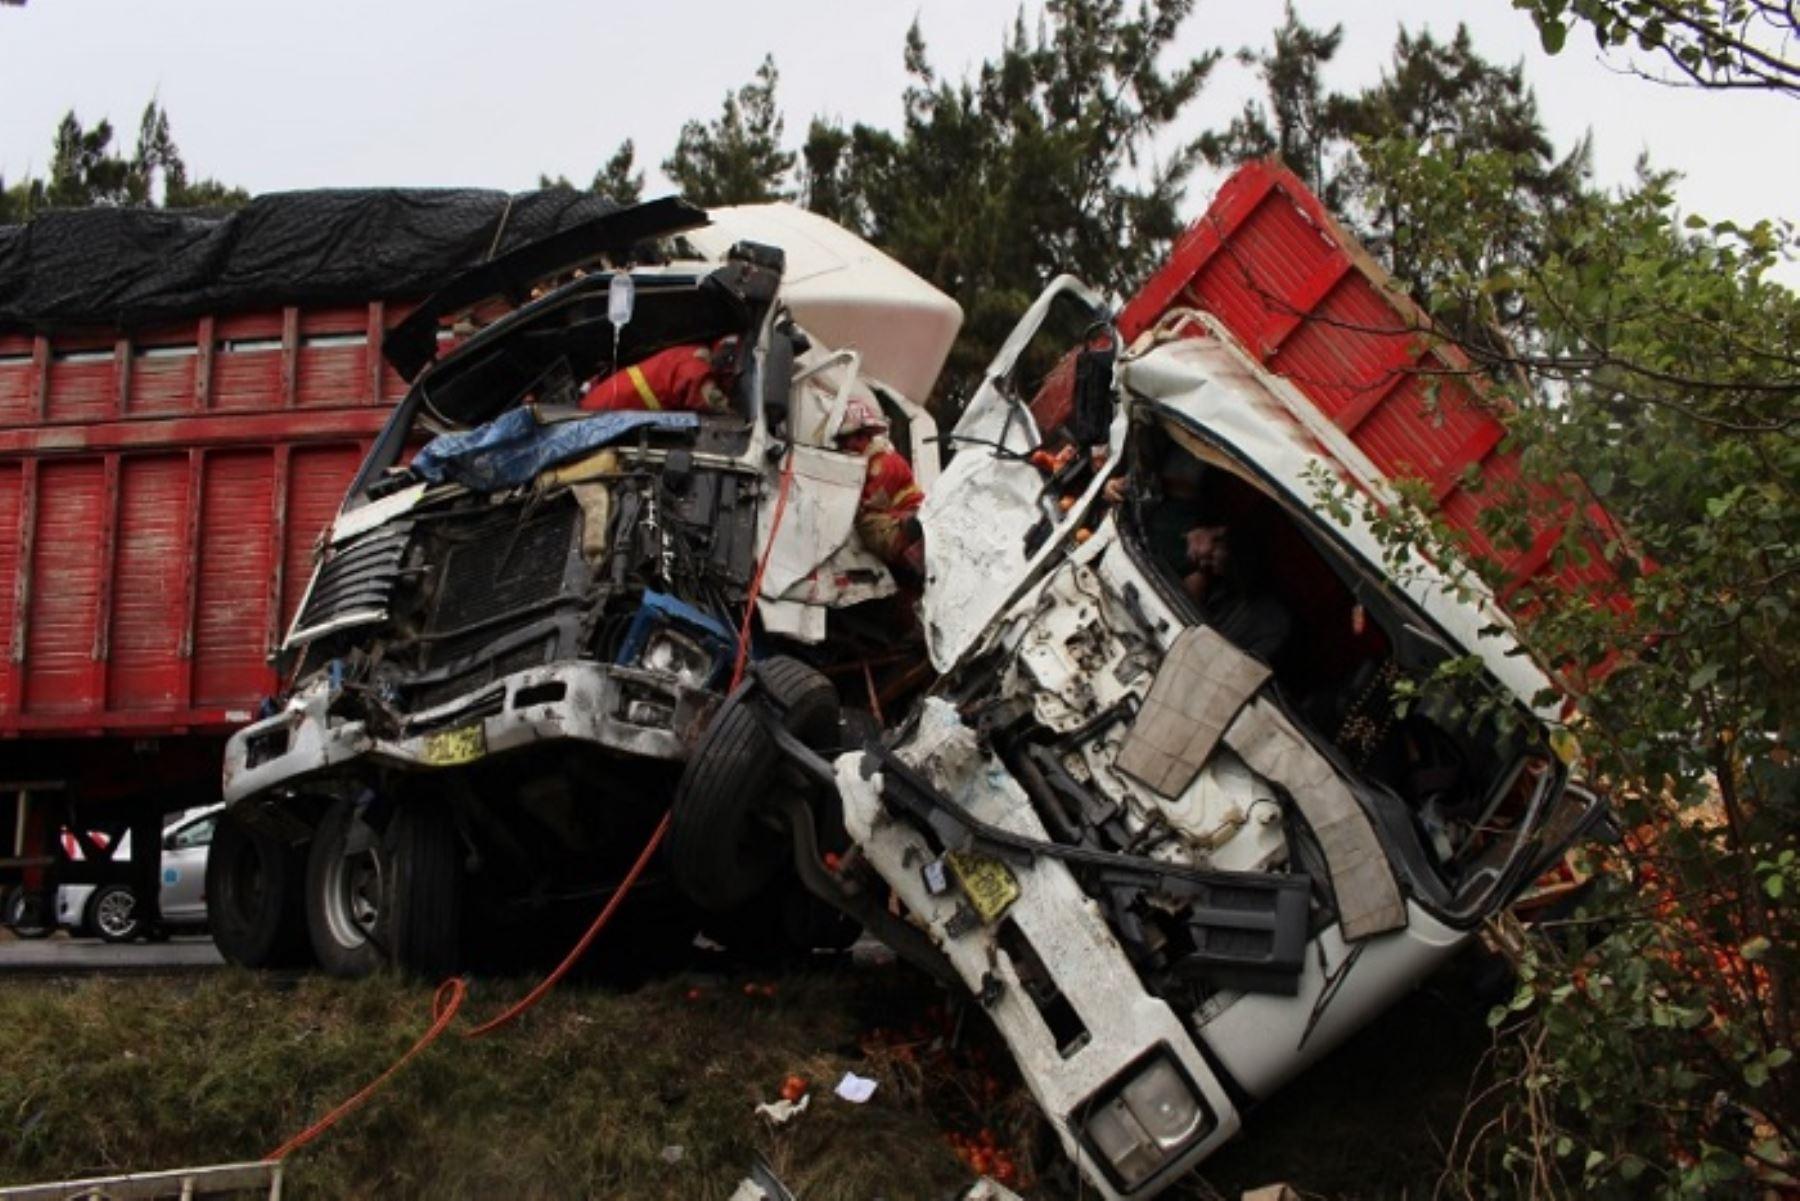 Una persona murió y otras dos resultaron heridas en el  accidente automovilístico que se produjo en el kilómetro 293 de la carretera Panamericana Norte, a la altura de Huarmey, en la región Áncash.